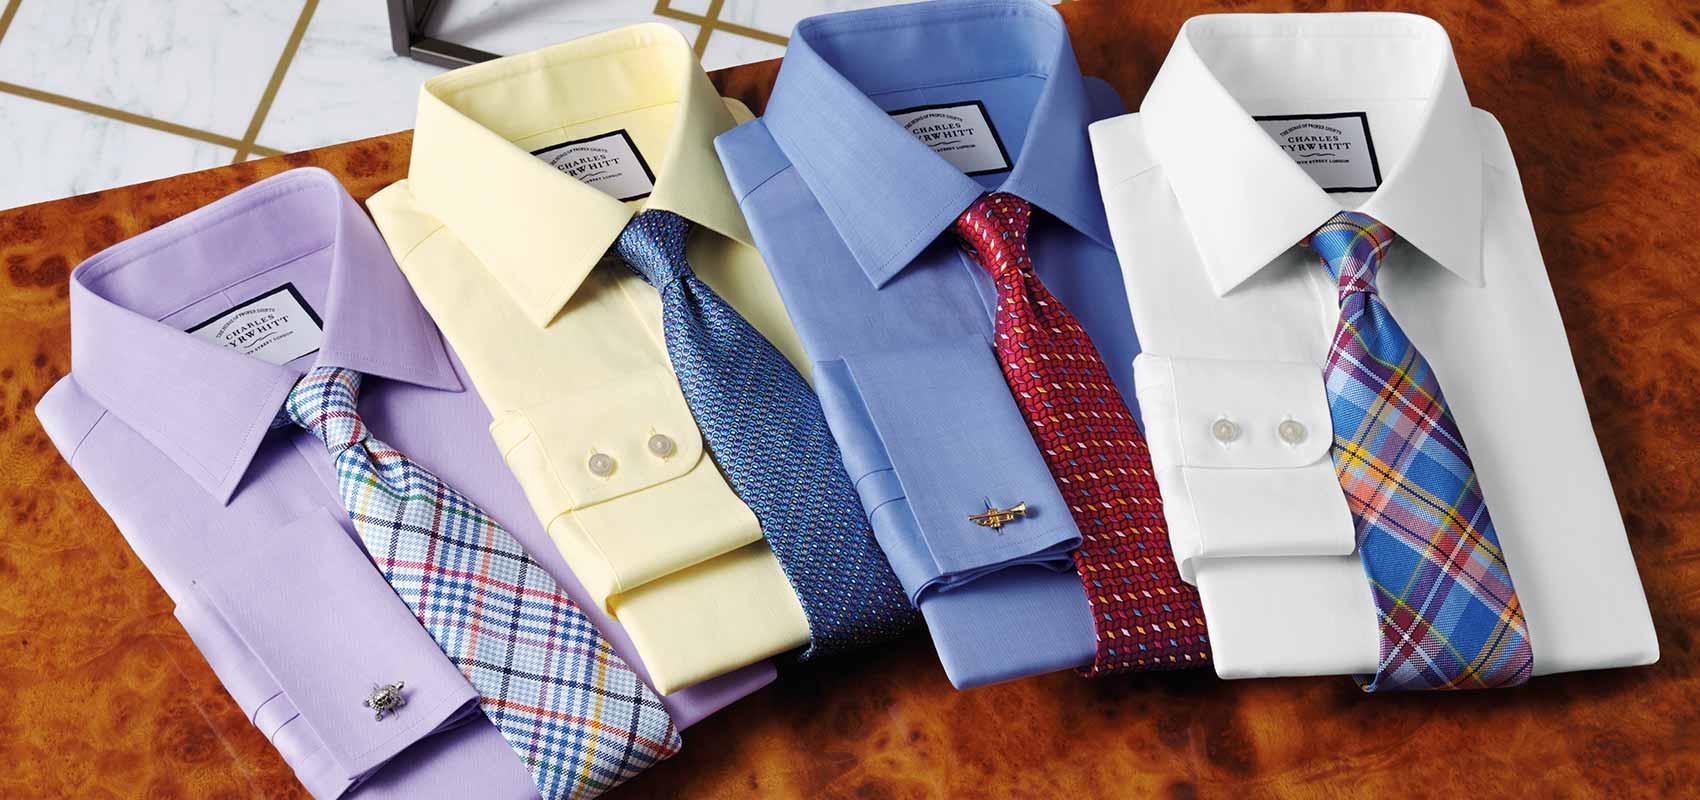 Herringbone weave shirts